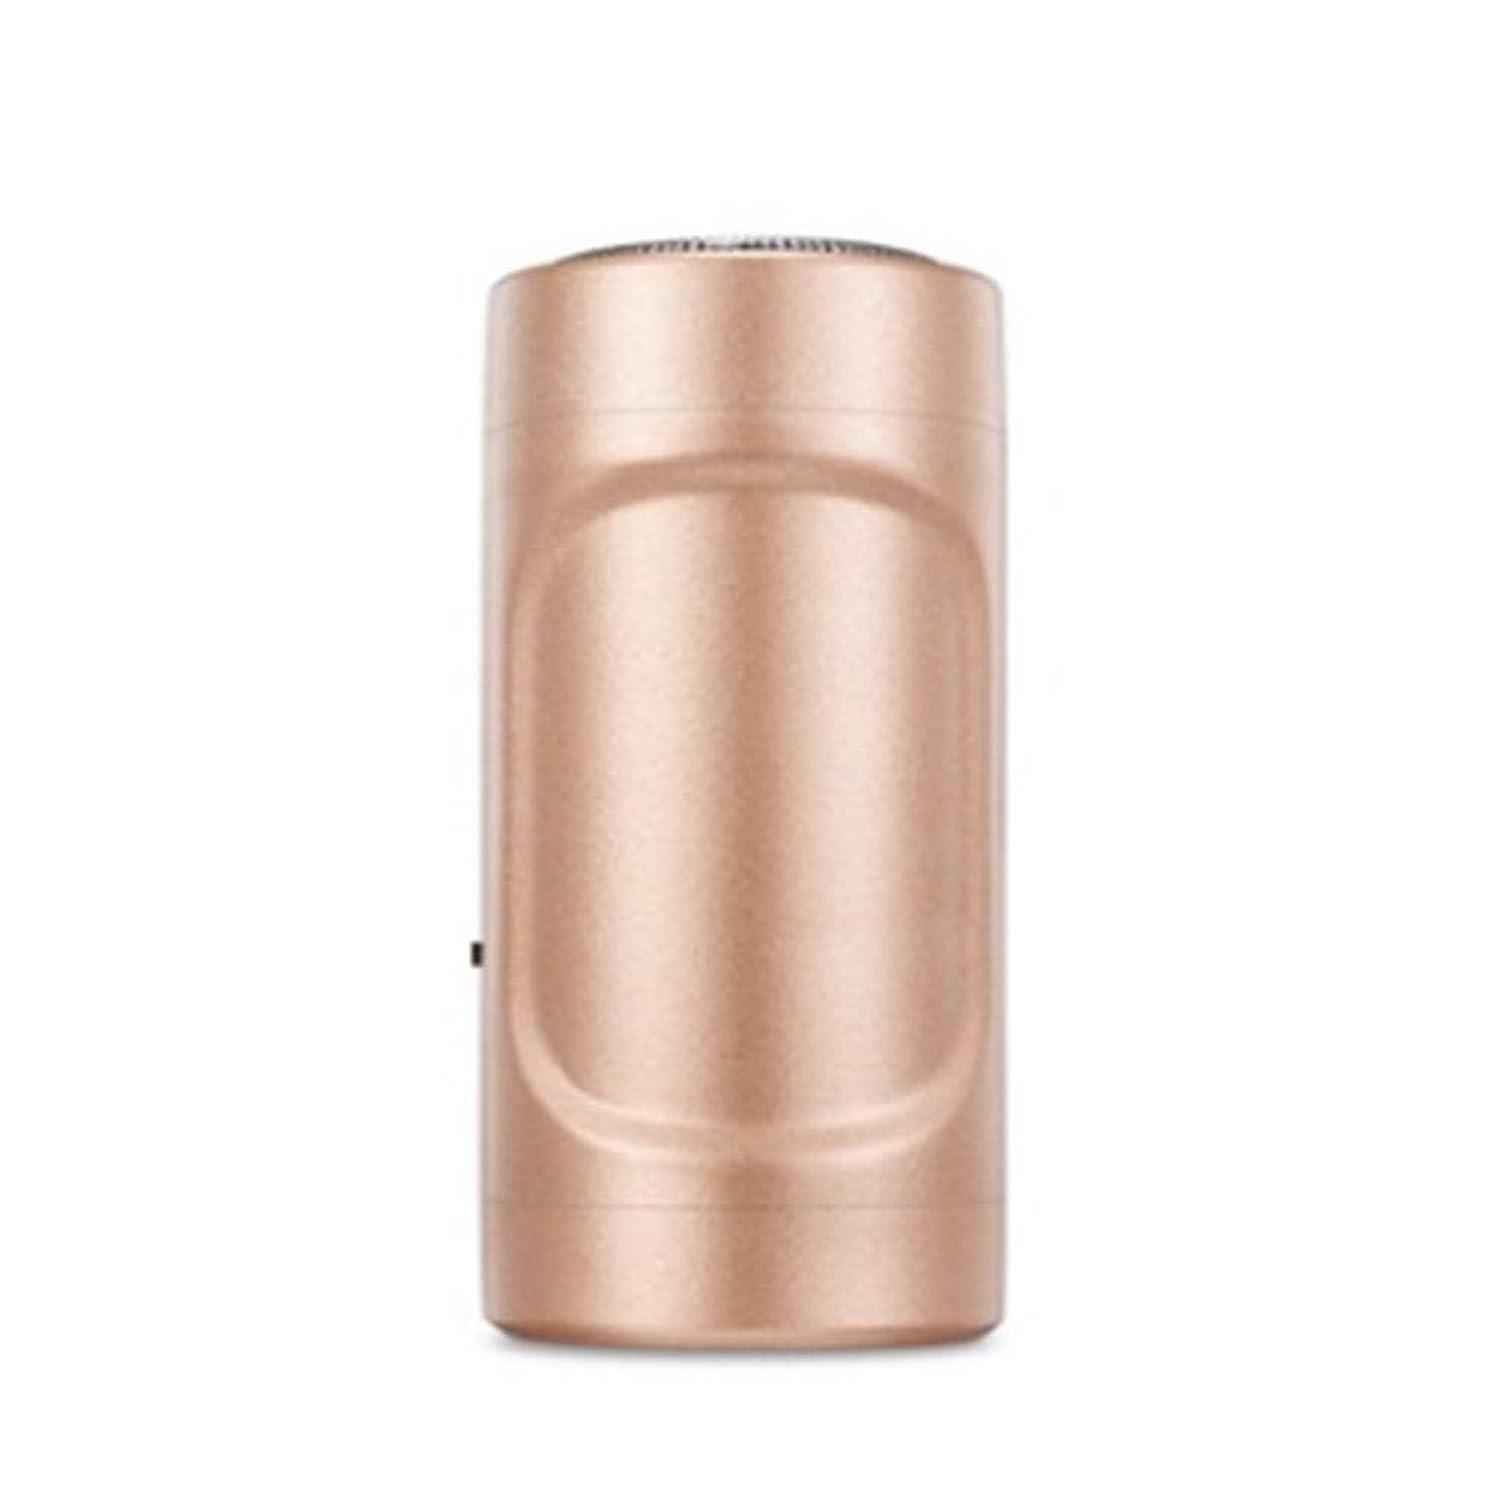 暖炉リマーク同封するミニシェーバーUSBアップルアンドロイドミニエピレータ屋外旅行懐中電灯ミニポケット(真鍮)